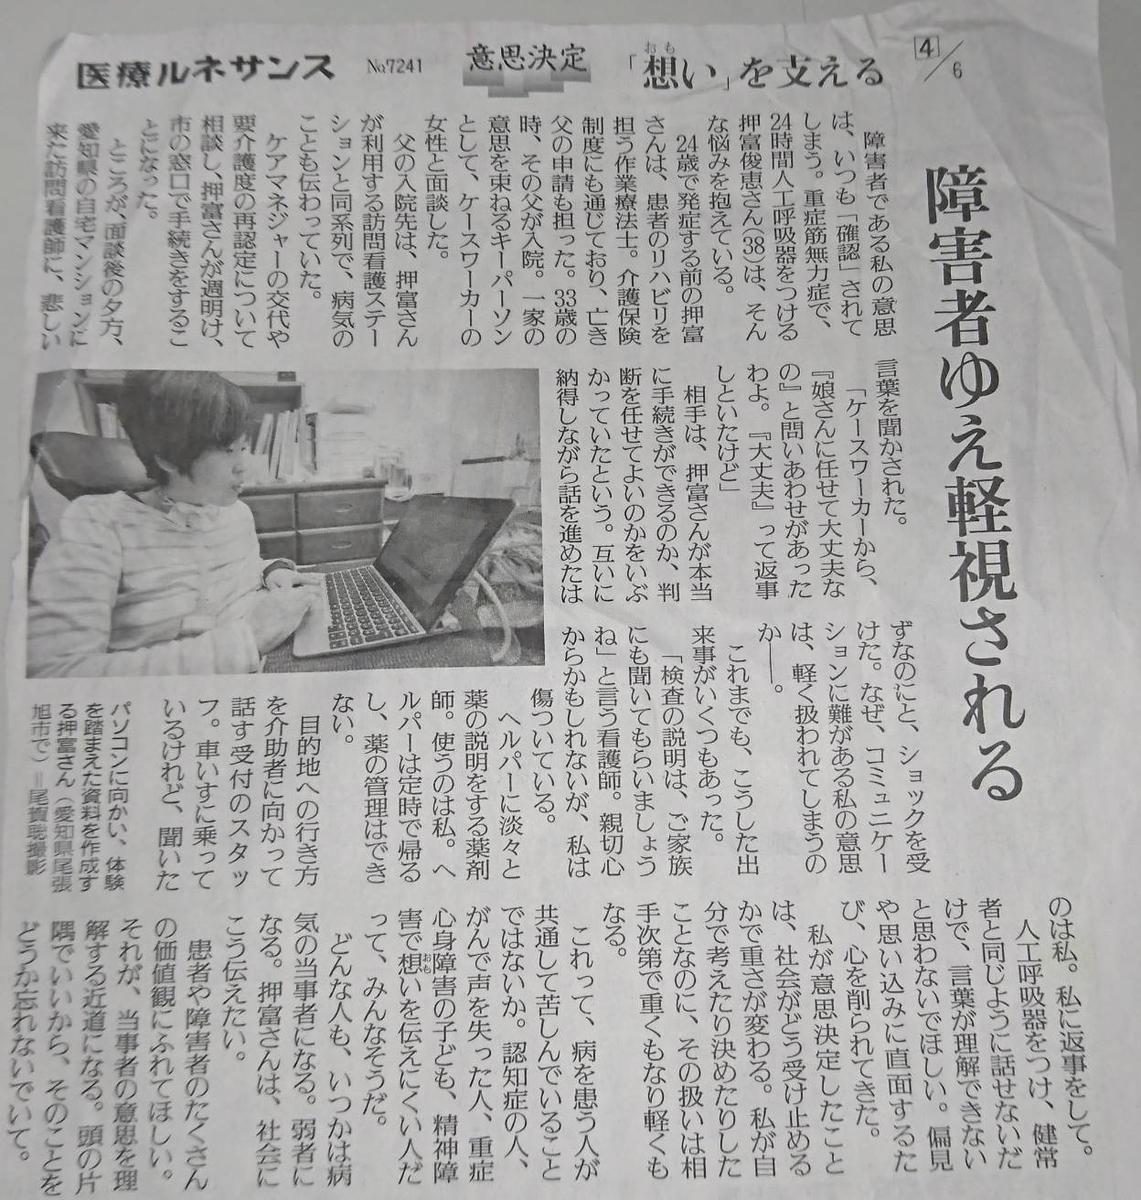 f:id:kazura-kobayashi:20200411095744j:plain